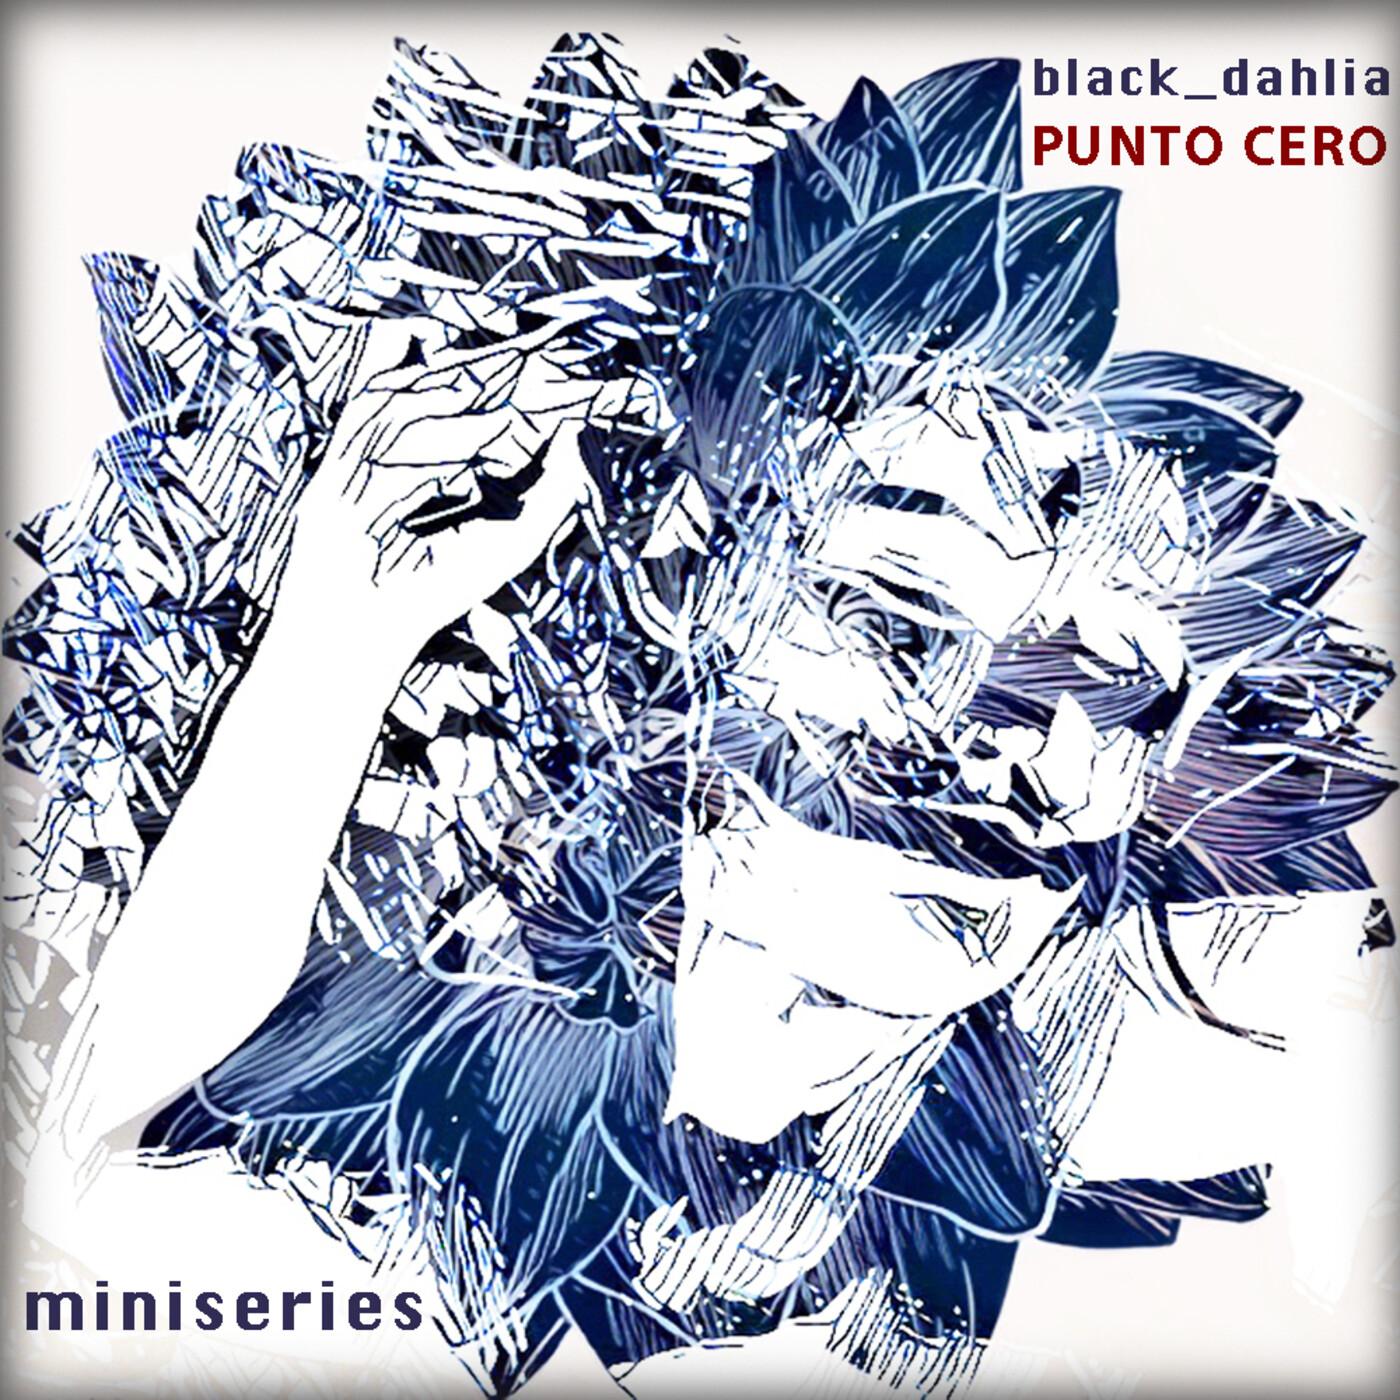 Miniseries Black Dahlia Punto Cero5 : Besos Robados en el Hacienda Club (La Dalia Negra)